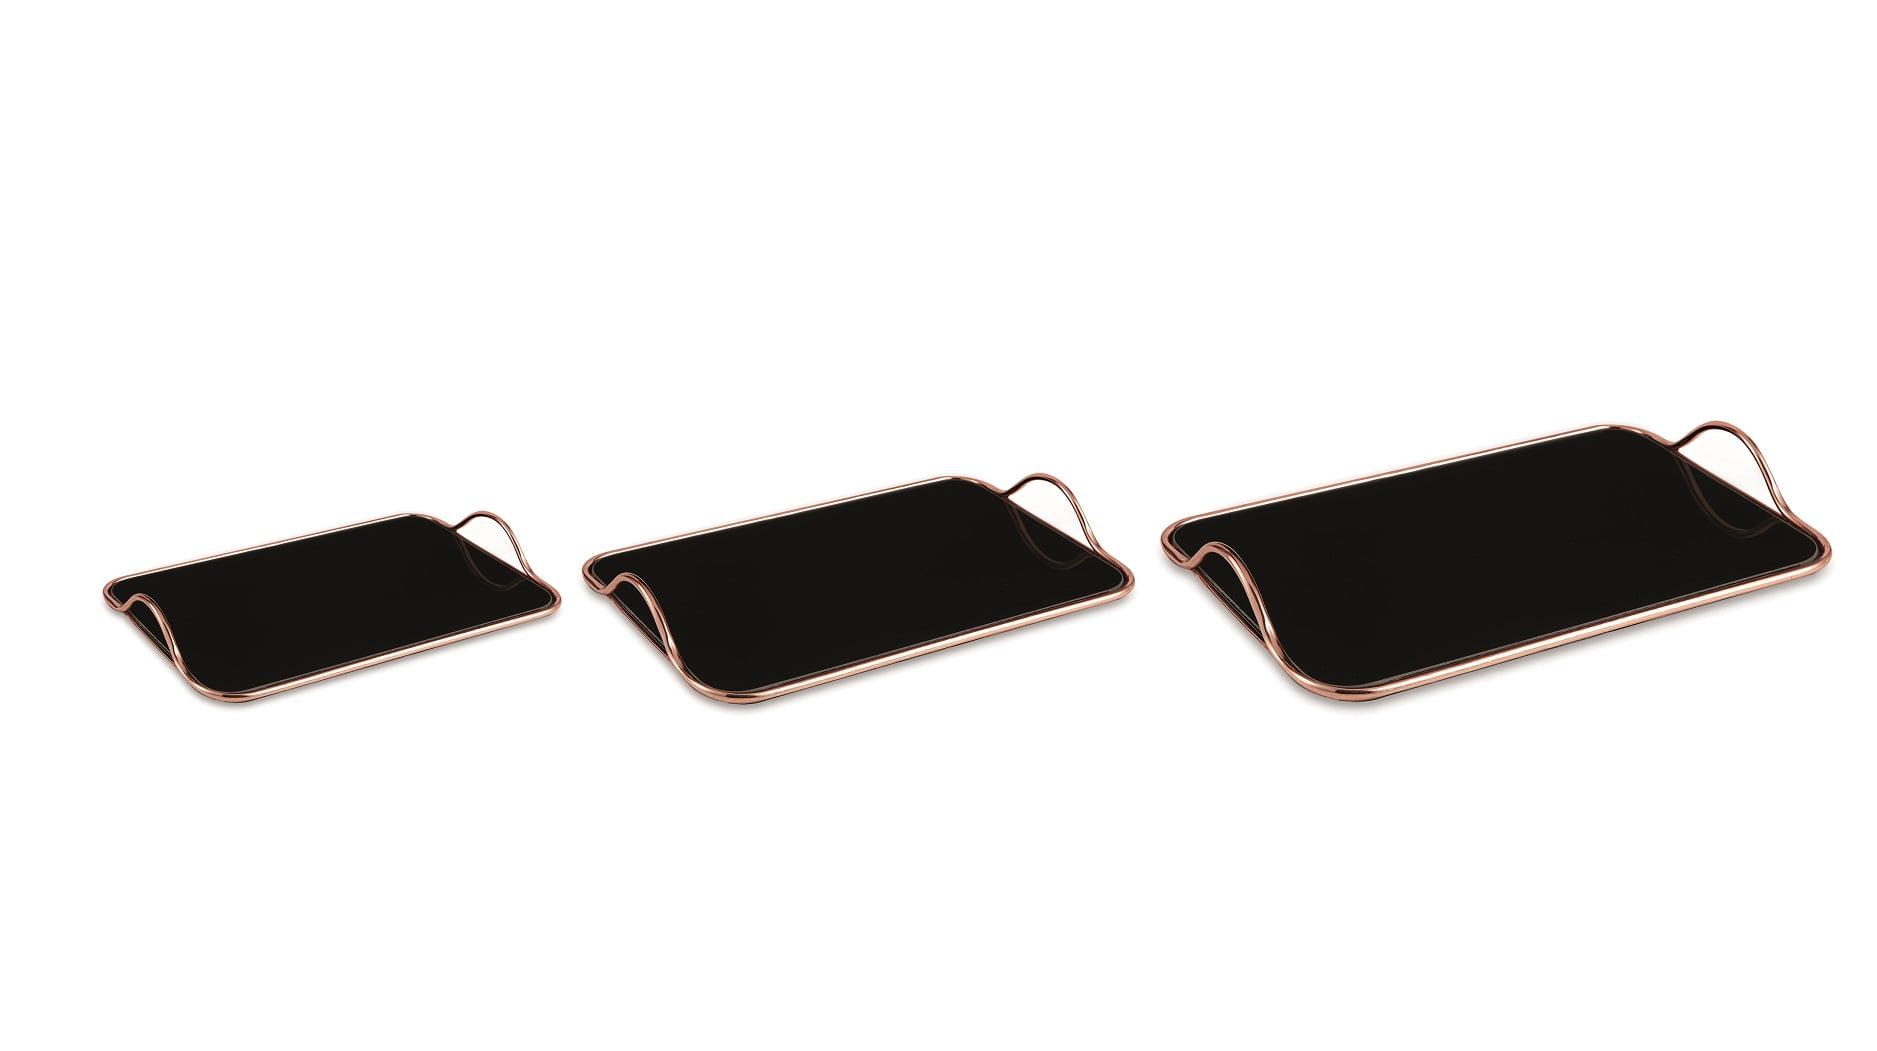 Rose Gold - Kit c/ 3 Bandejas com Espelho Preto